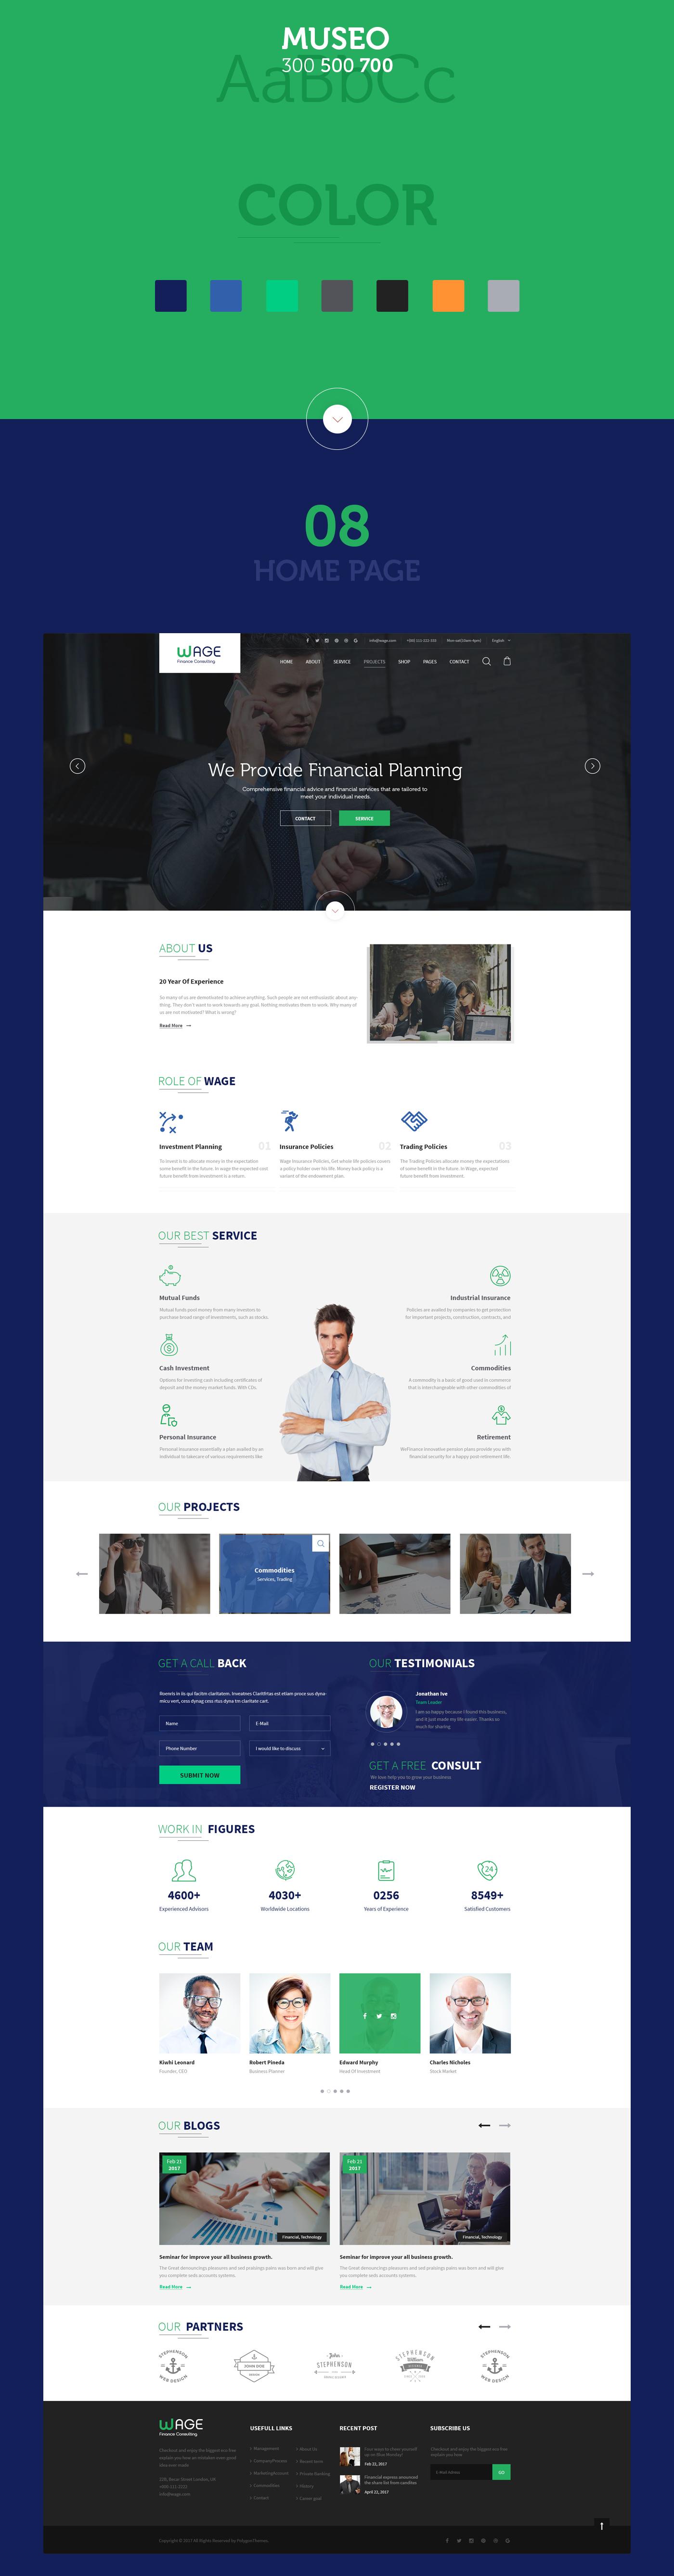 Lohn - Business und Finanzen WordPress Theme - 11